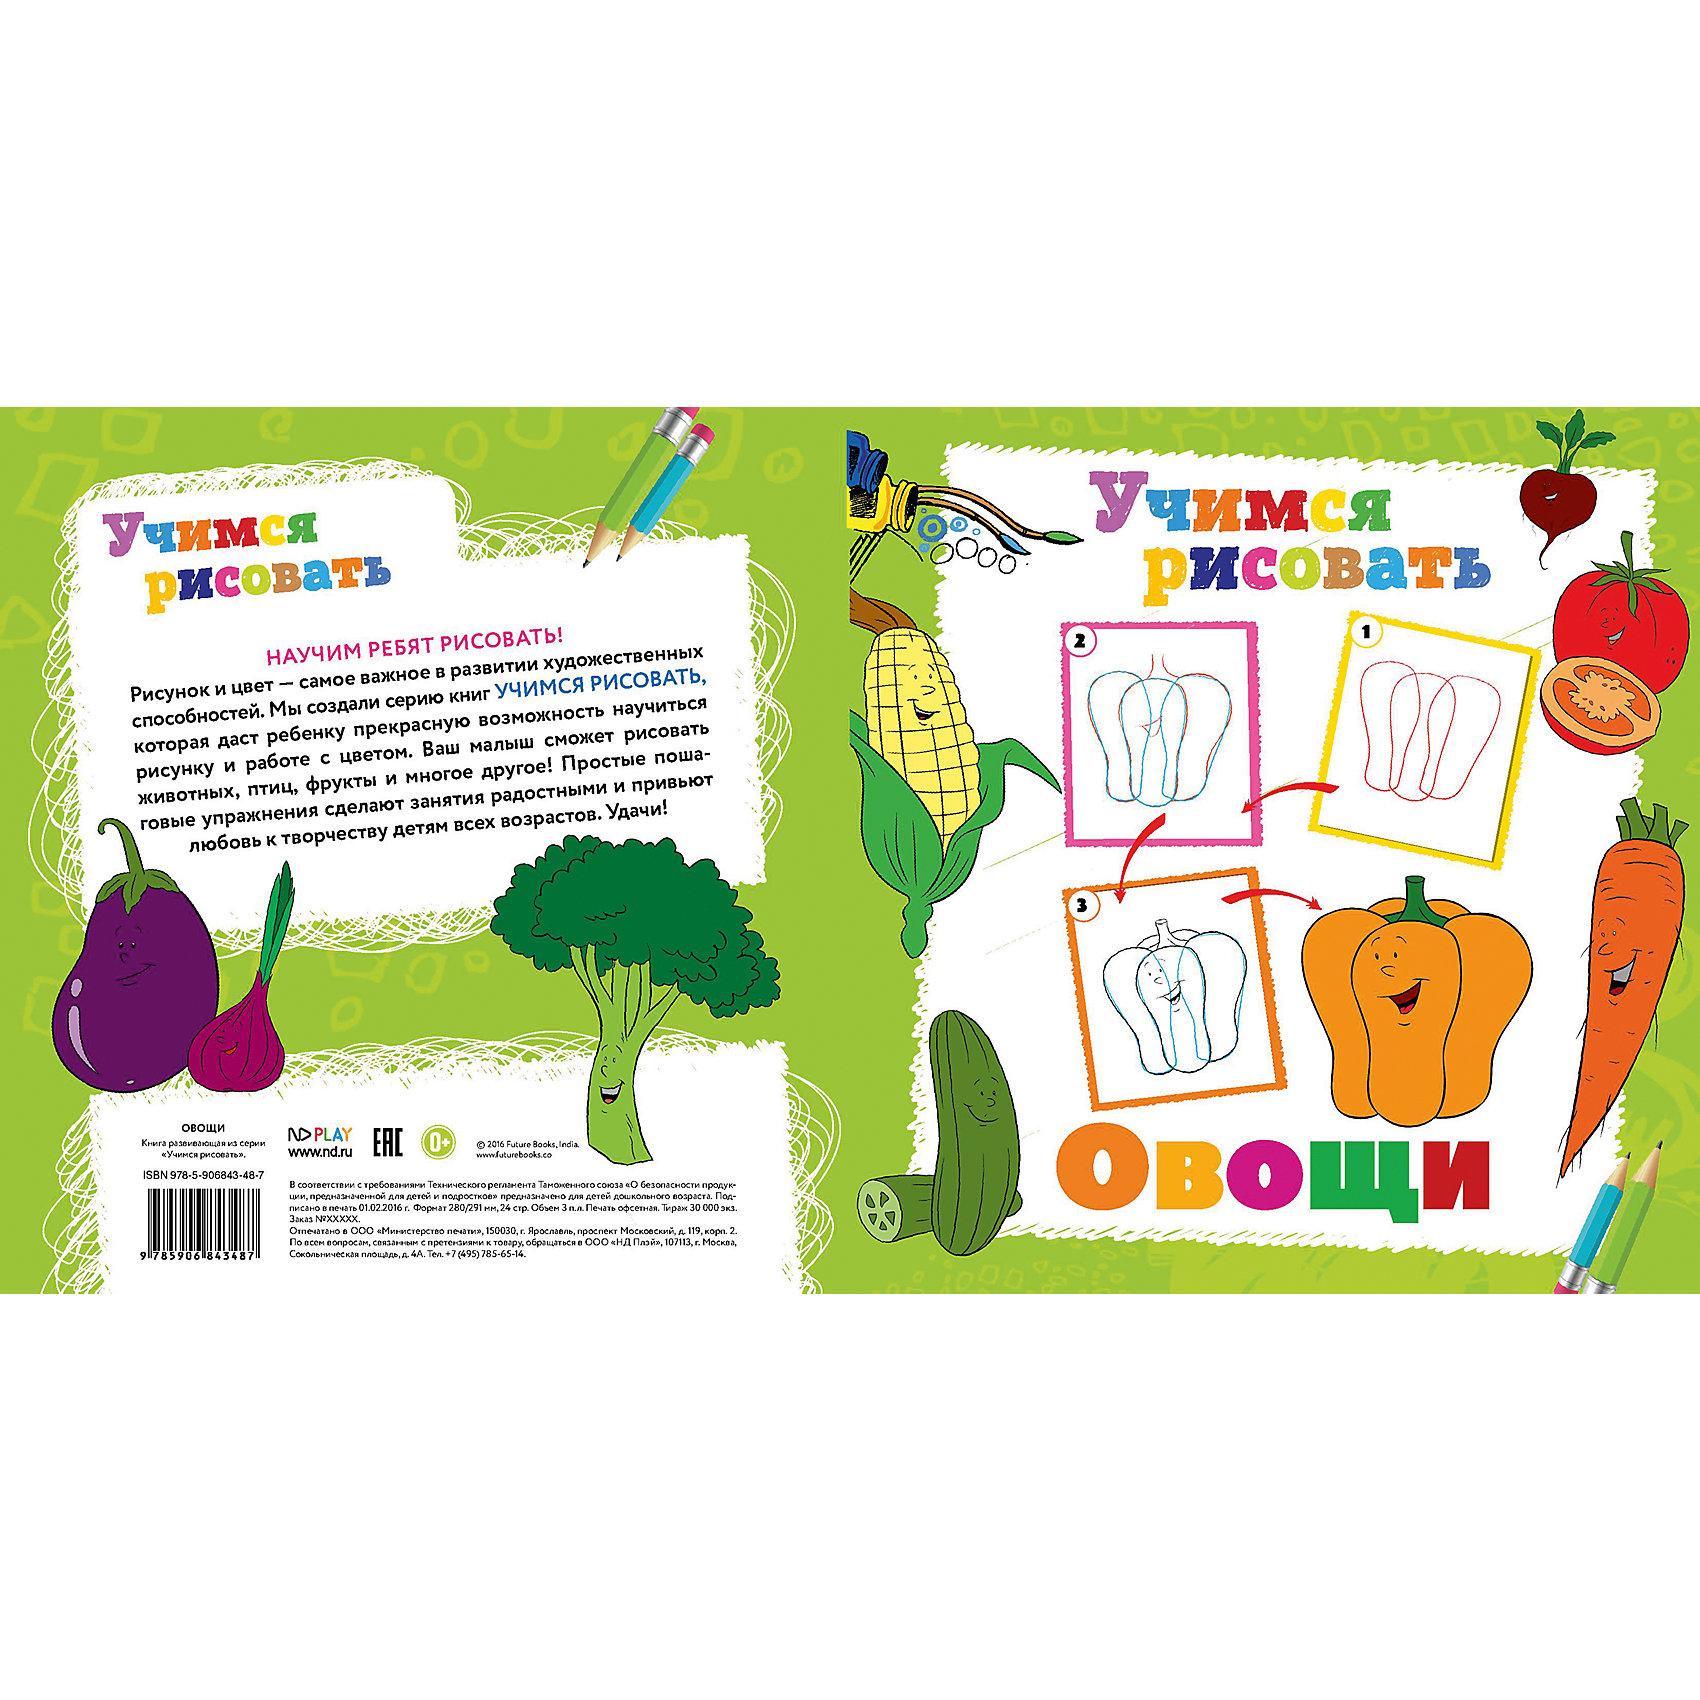 Книга Овощи Учимся рисоватьРисование<br>Книга Овощи Учимся рисовать – это уроки поэтапного рисования для детей.<br>Многие малыши обожают рисовать! Рисование и раскрашивание - это не только интересное, но и очень полезное занятие. С книгой-раскраской «Овощи» серии «Учимся рисовать» заниматься рисованием очень весело. Ваш ребенок сможет научиться рисовать овощи, воспользовавшись пошаговыми советами художника. Книга поможет развить внимательность, мелкую моторику, творческие способности.<br><br>Дополнительная информация:<br><br>- Издательство: Новый диск, 2016 г.<br>- Серия: Учимся рисовать<br>- Тип обложки: мягкий переплет (крепление скрепкой или клеем)<br>- Иллюстрации: цветные, черно-белые<br>- Количество страниц: 24 (офсет)<br>- Размер: 290x280x2 мм.<br>- Вес: 114 гр.<br><br>Книгу Овощи Учимся рисовать можно купить в нашем интернет-магазине.<br><br>Ширина мм: 280<br>Глубина мм: 3<br>Высота мм: 290<br>Вес г: 112<br>Возраст от месяцев: 36<br>Возраст до месяцев: 84<br>Пол: Унисекс<br>Возраст: Детский<br>SKU: 4664438